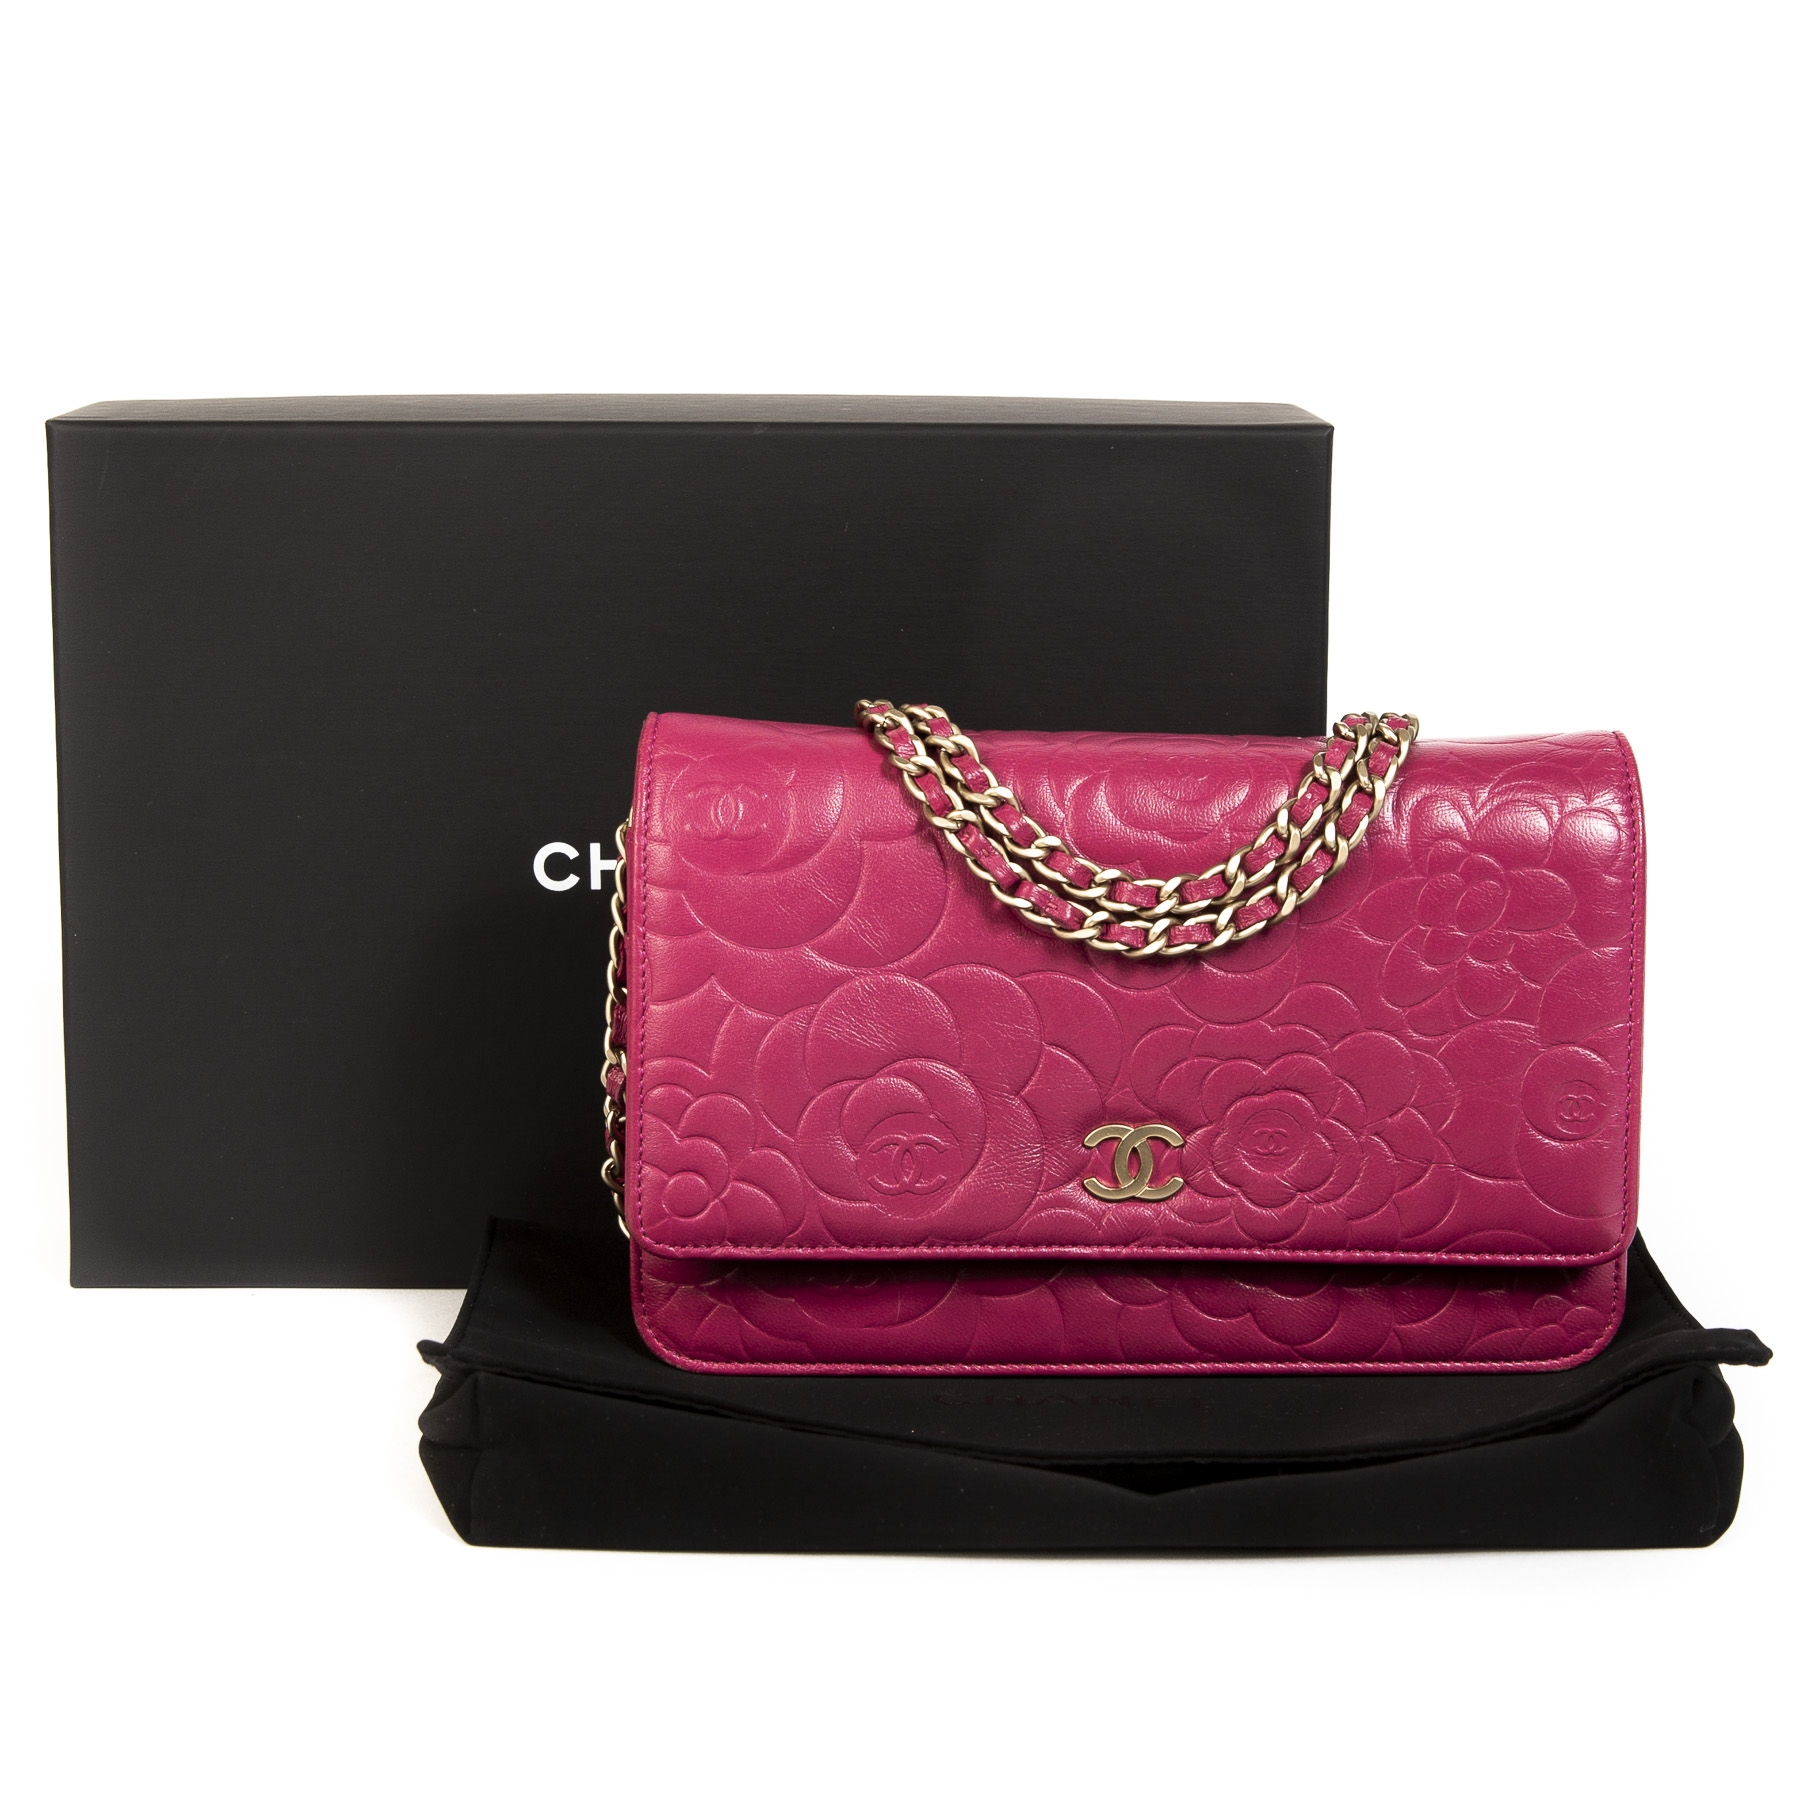 d489ceb9af3b ... Koop uw authentieke Chanel Pink Leather Floral Wallet On Chain aan de  beste prijs